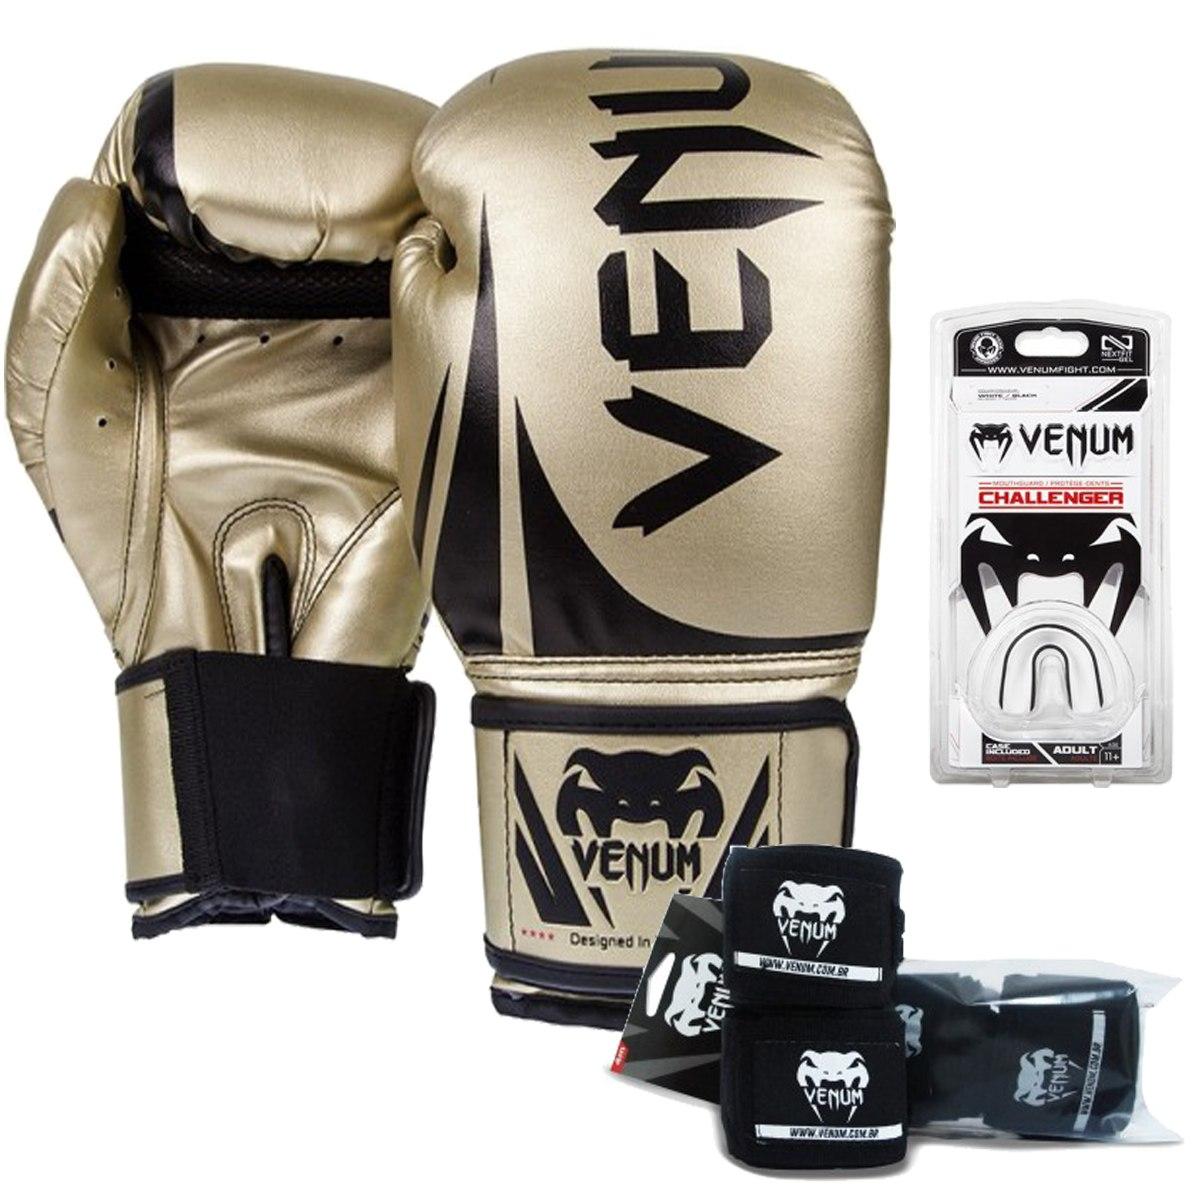 794d1ba90 Kit Boxe E Muay Thai Venum Challenger 2.0   Dourado - R  274